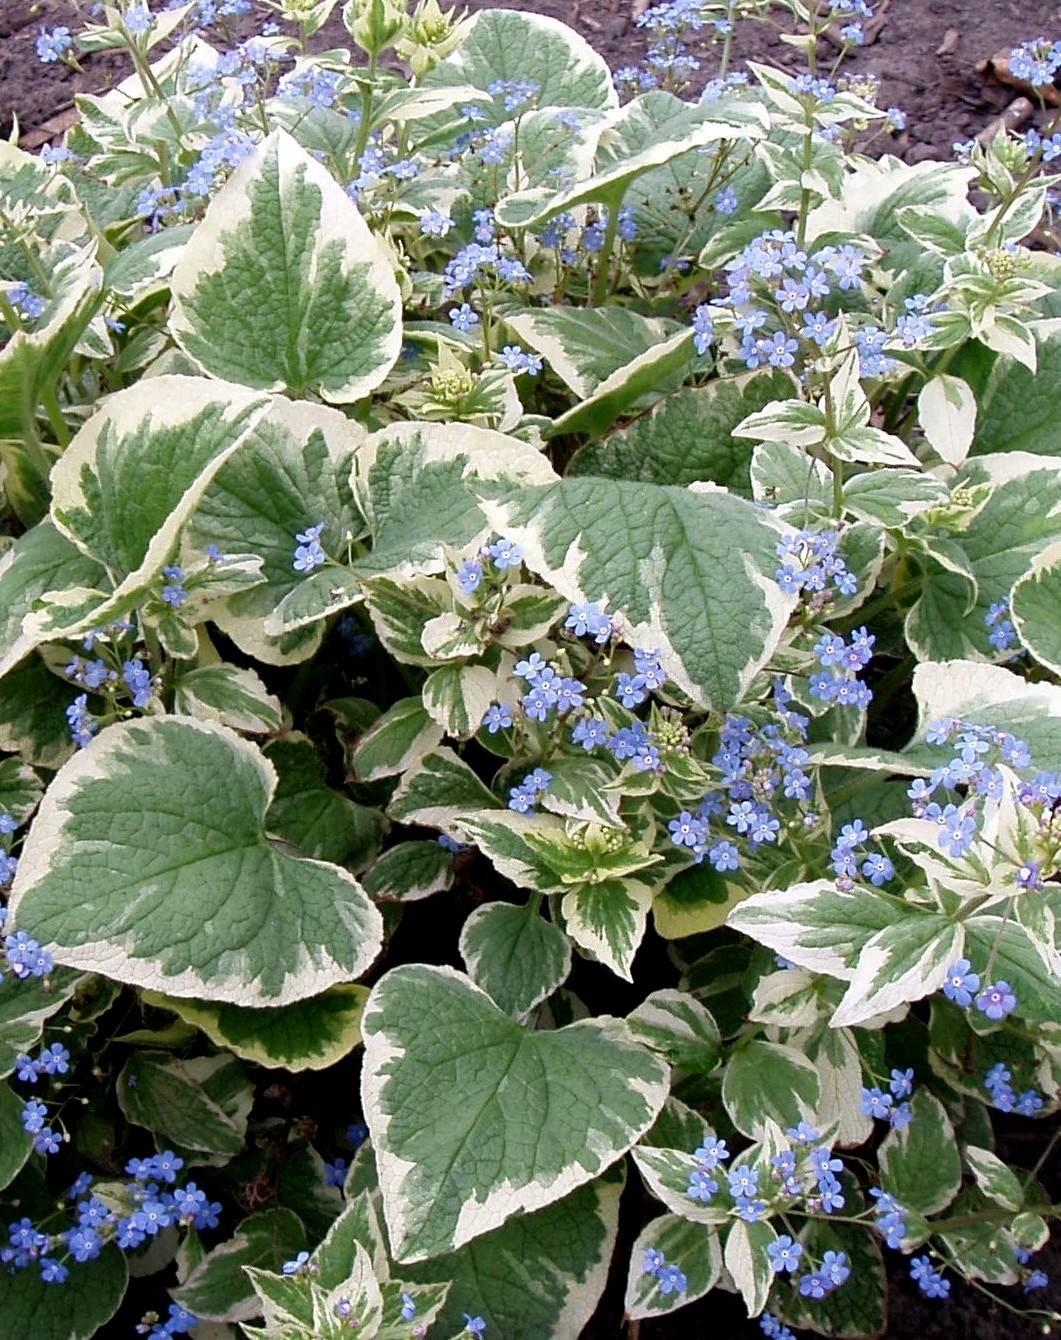 brunera wielkolistna variegata - wieloletnia roślina ogrodowa o dekoracyjnych liściach i  niebieskich kwiatach na rabaty wilgotne i półcieniste